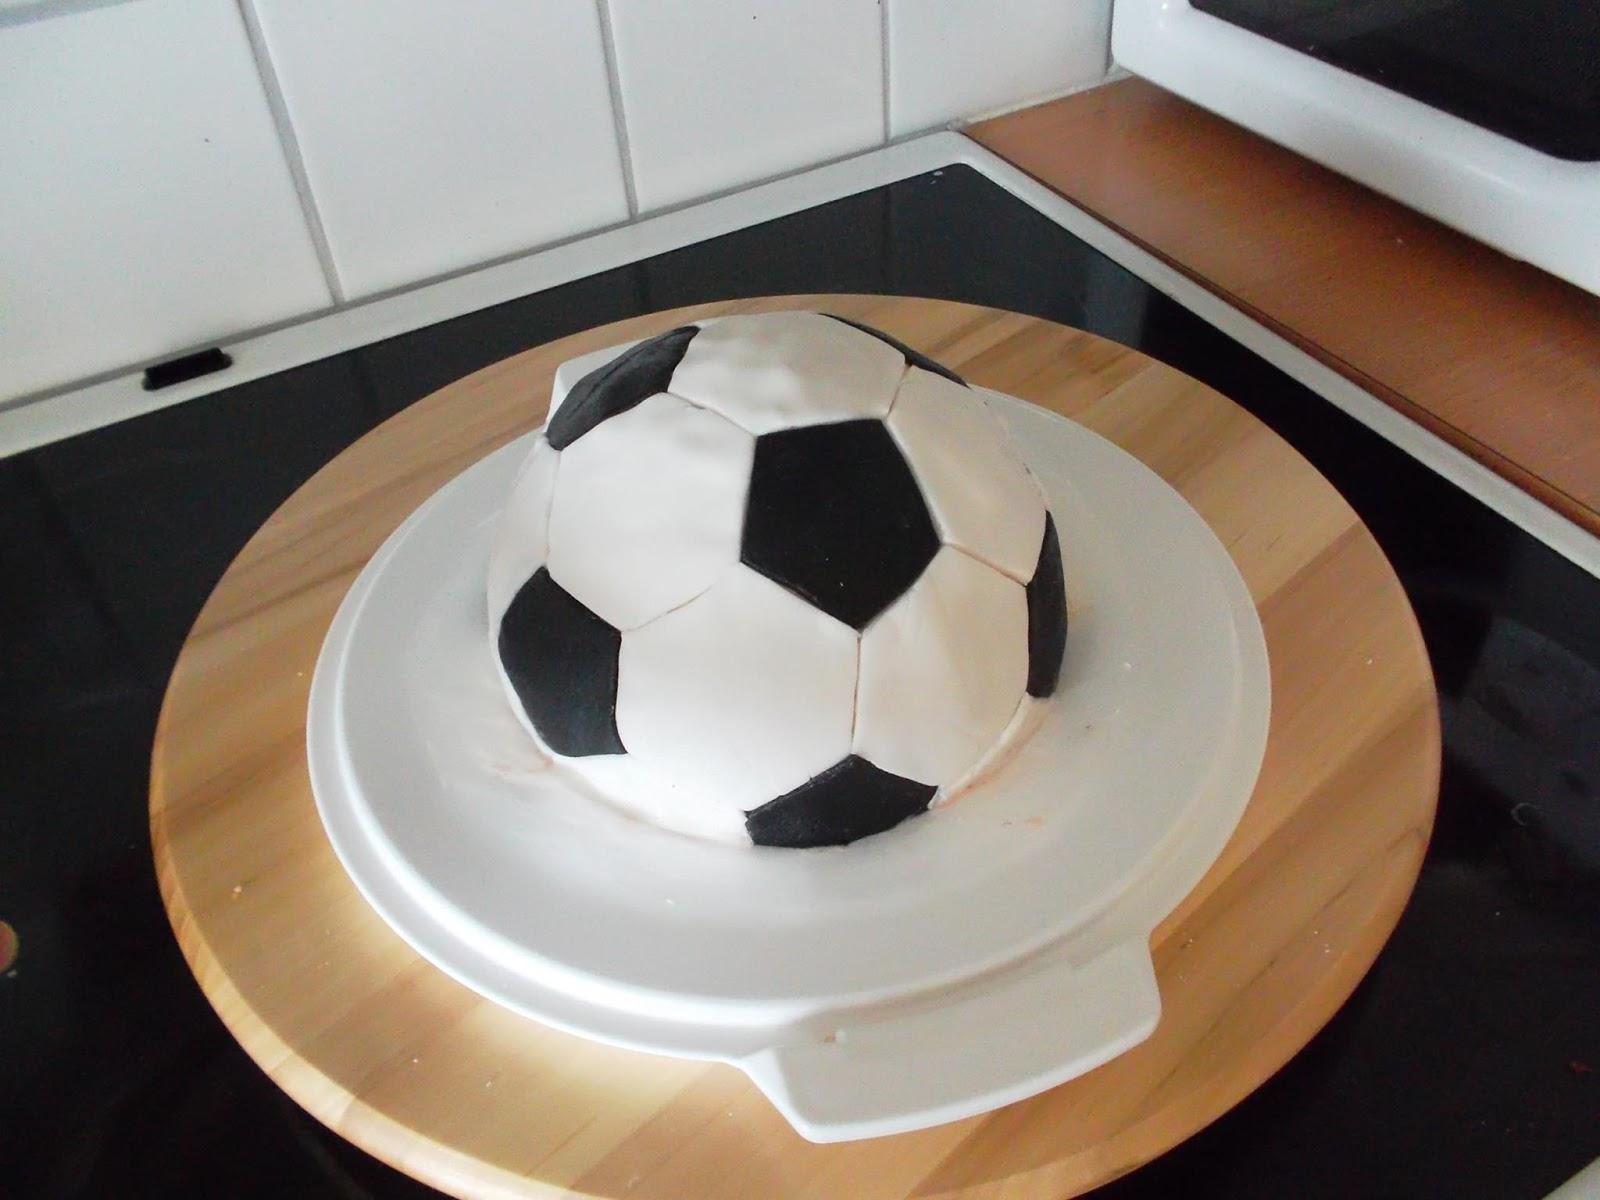 gateau en forme ballon de foot secrets culinaires g teaux et p tisseries blog photo. Black Bedroom Furniture Sets. Home Design Ideas